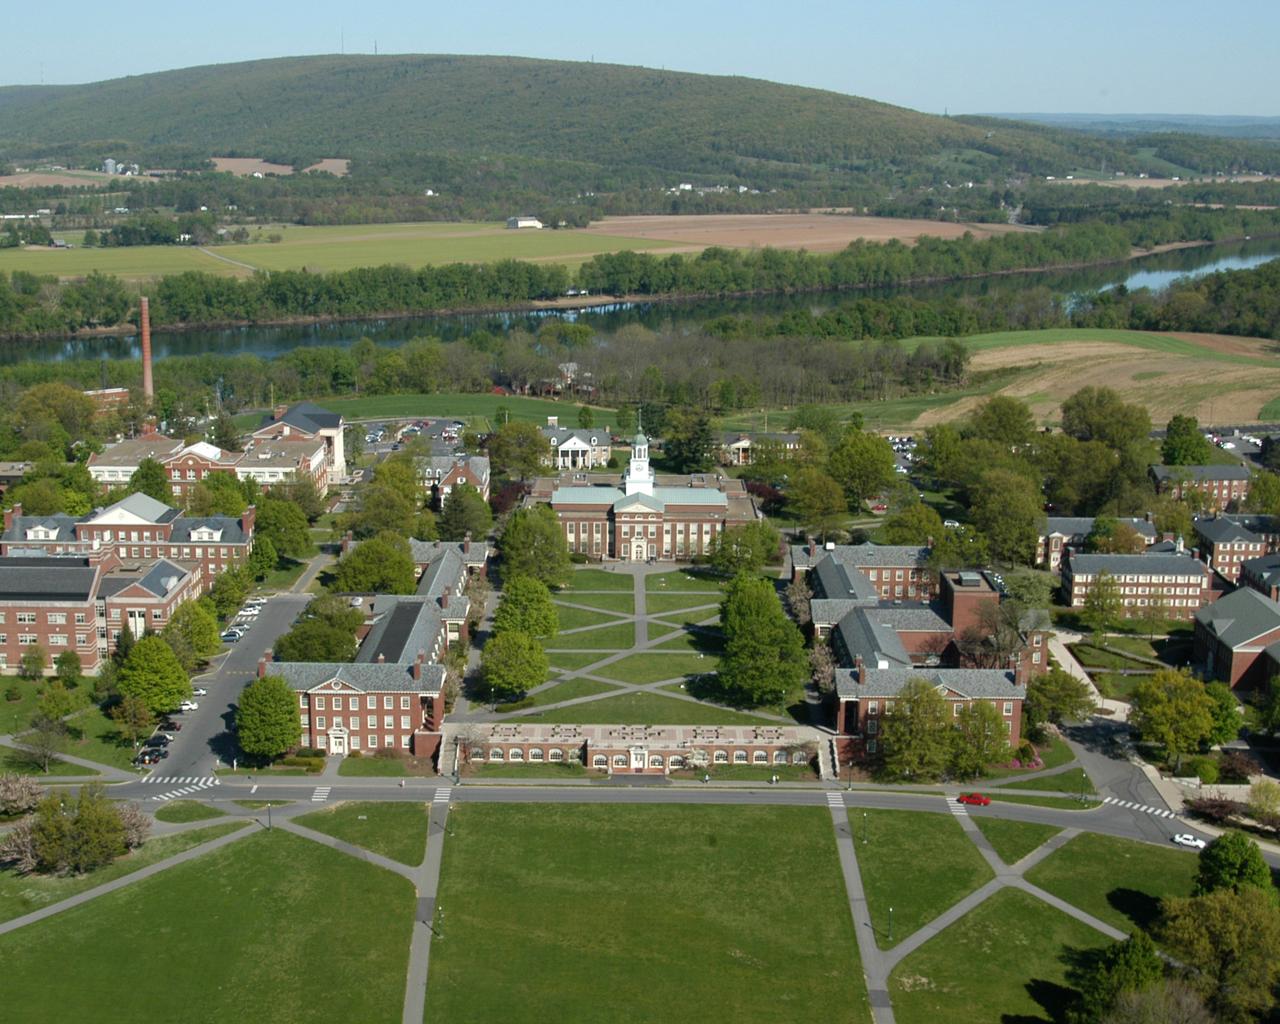 Três alunos são expulsos de faculdade nos EUA por ofensas racistas 2